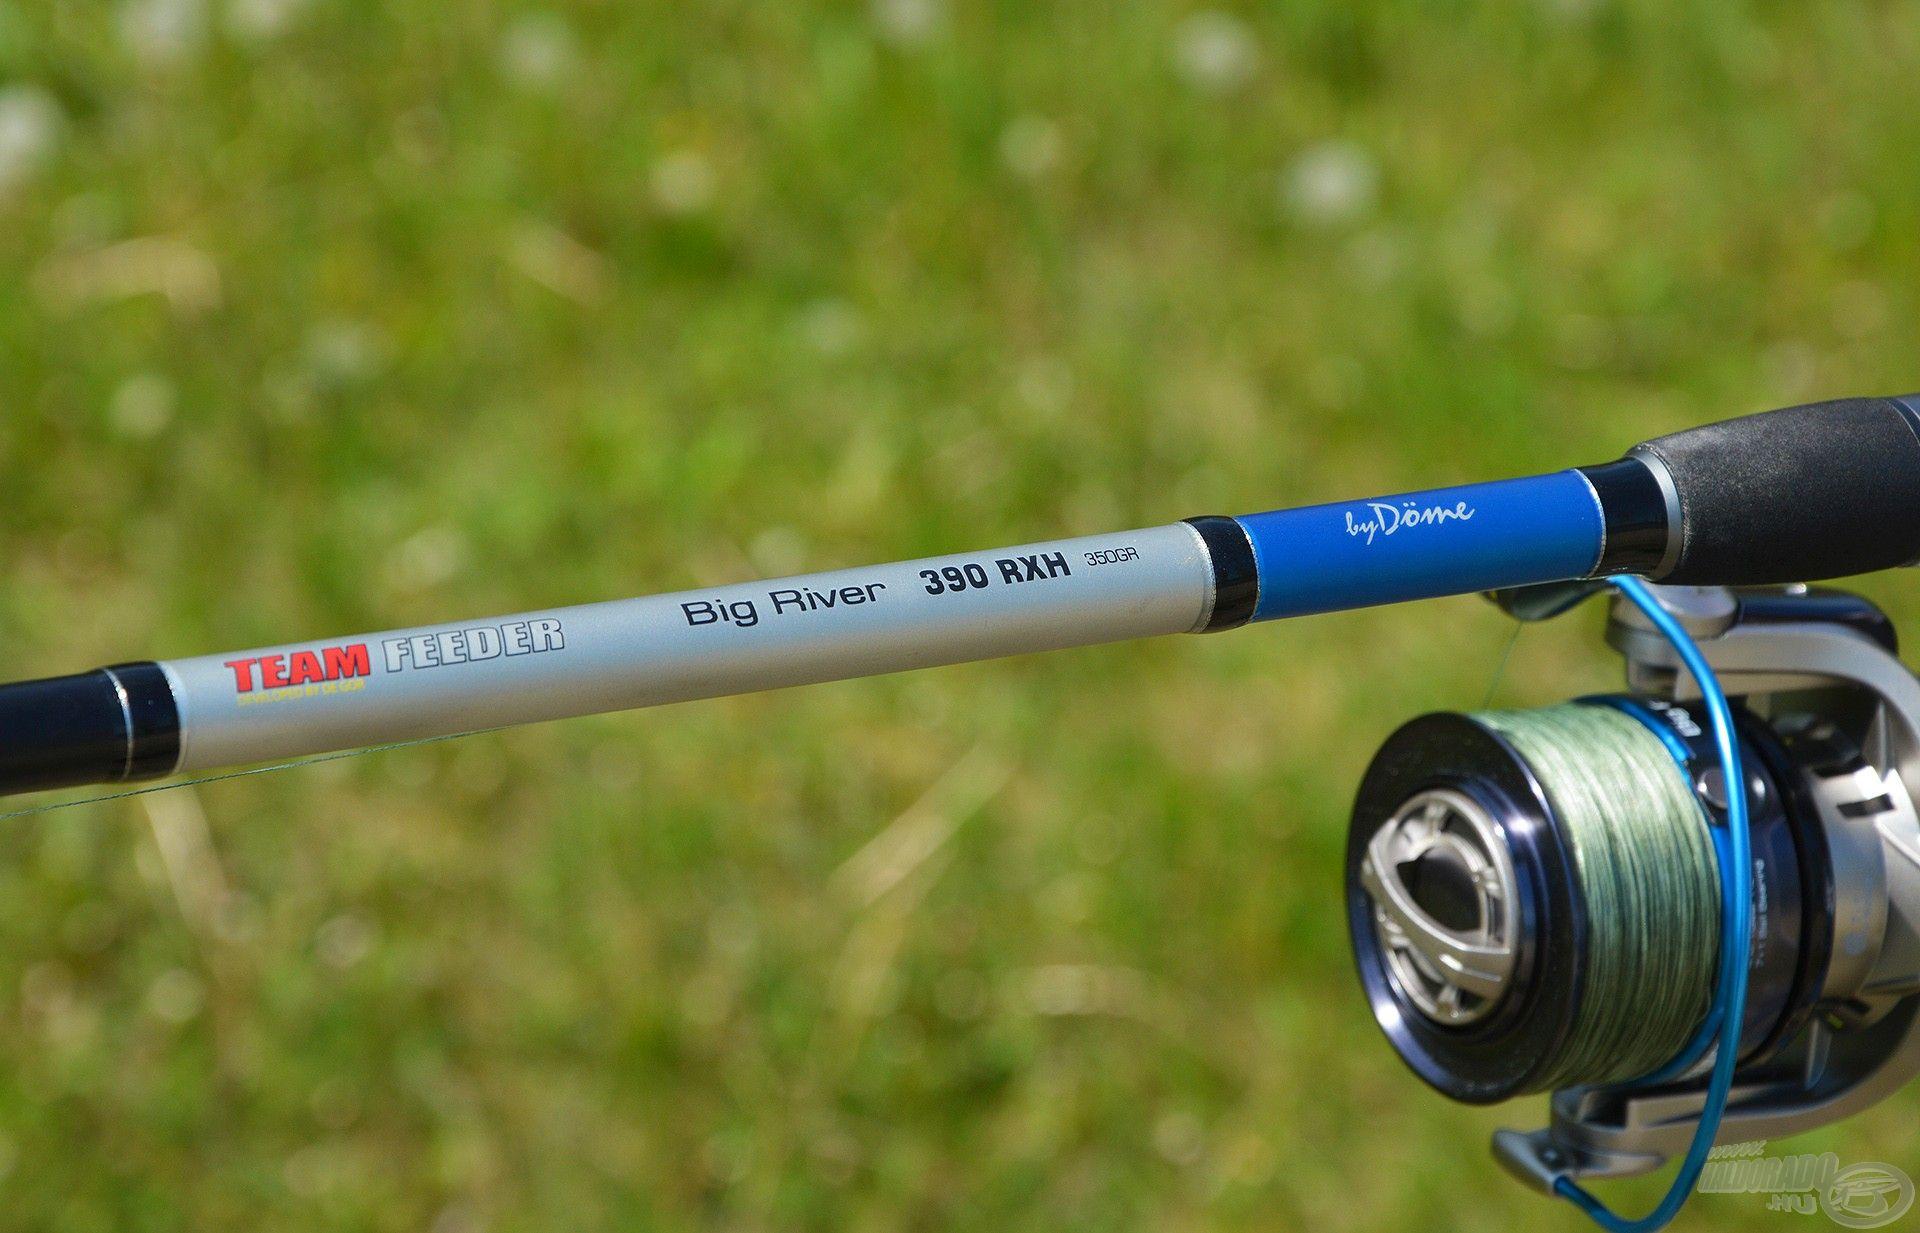 Legerősebb botomat, a By Döme TEAM FEEDER Big River 390RXH típust használom hozzá…